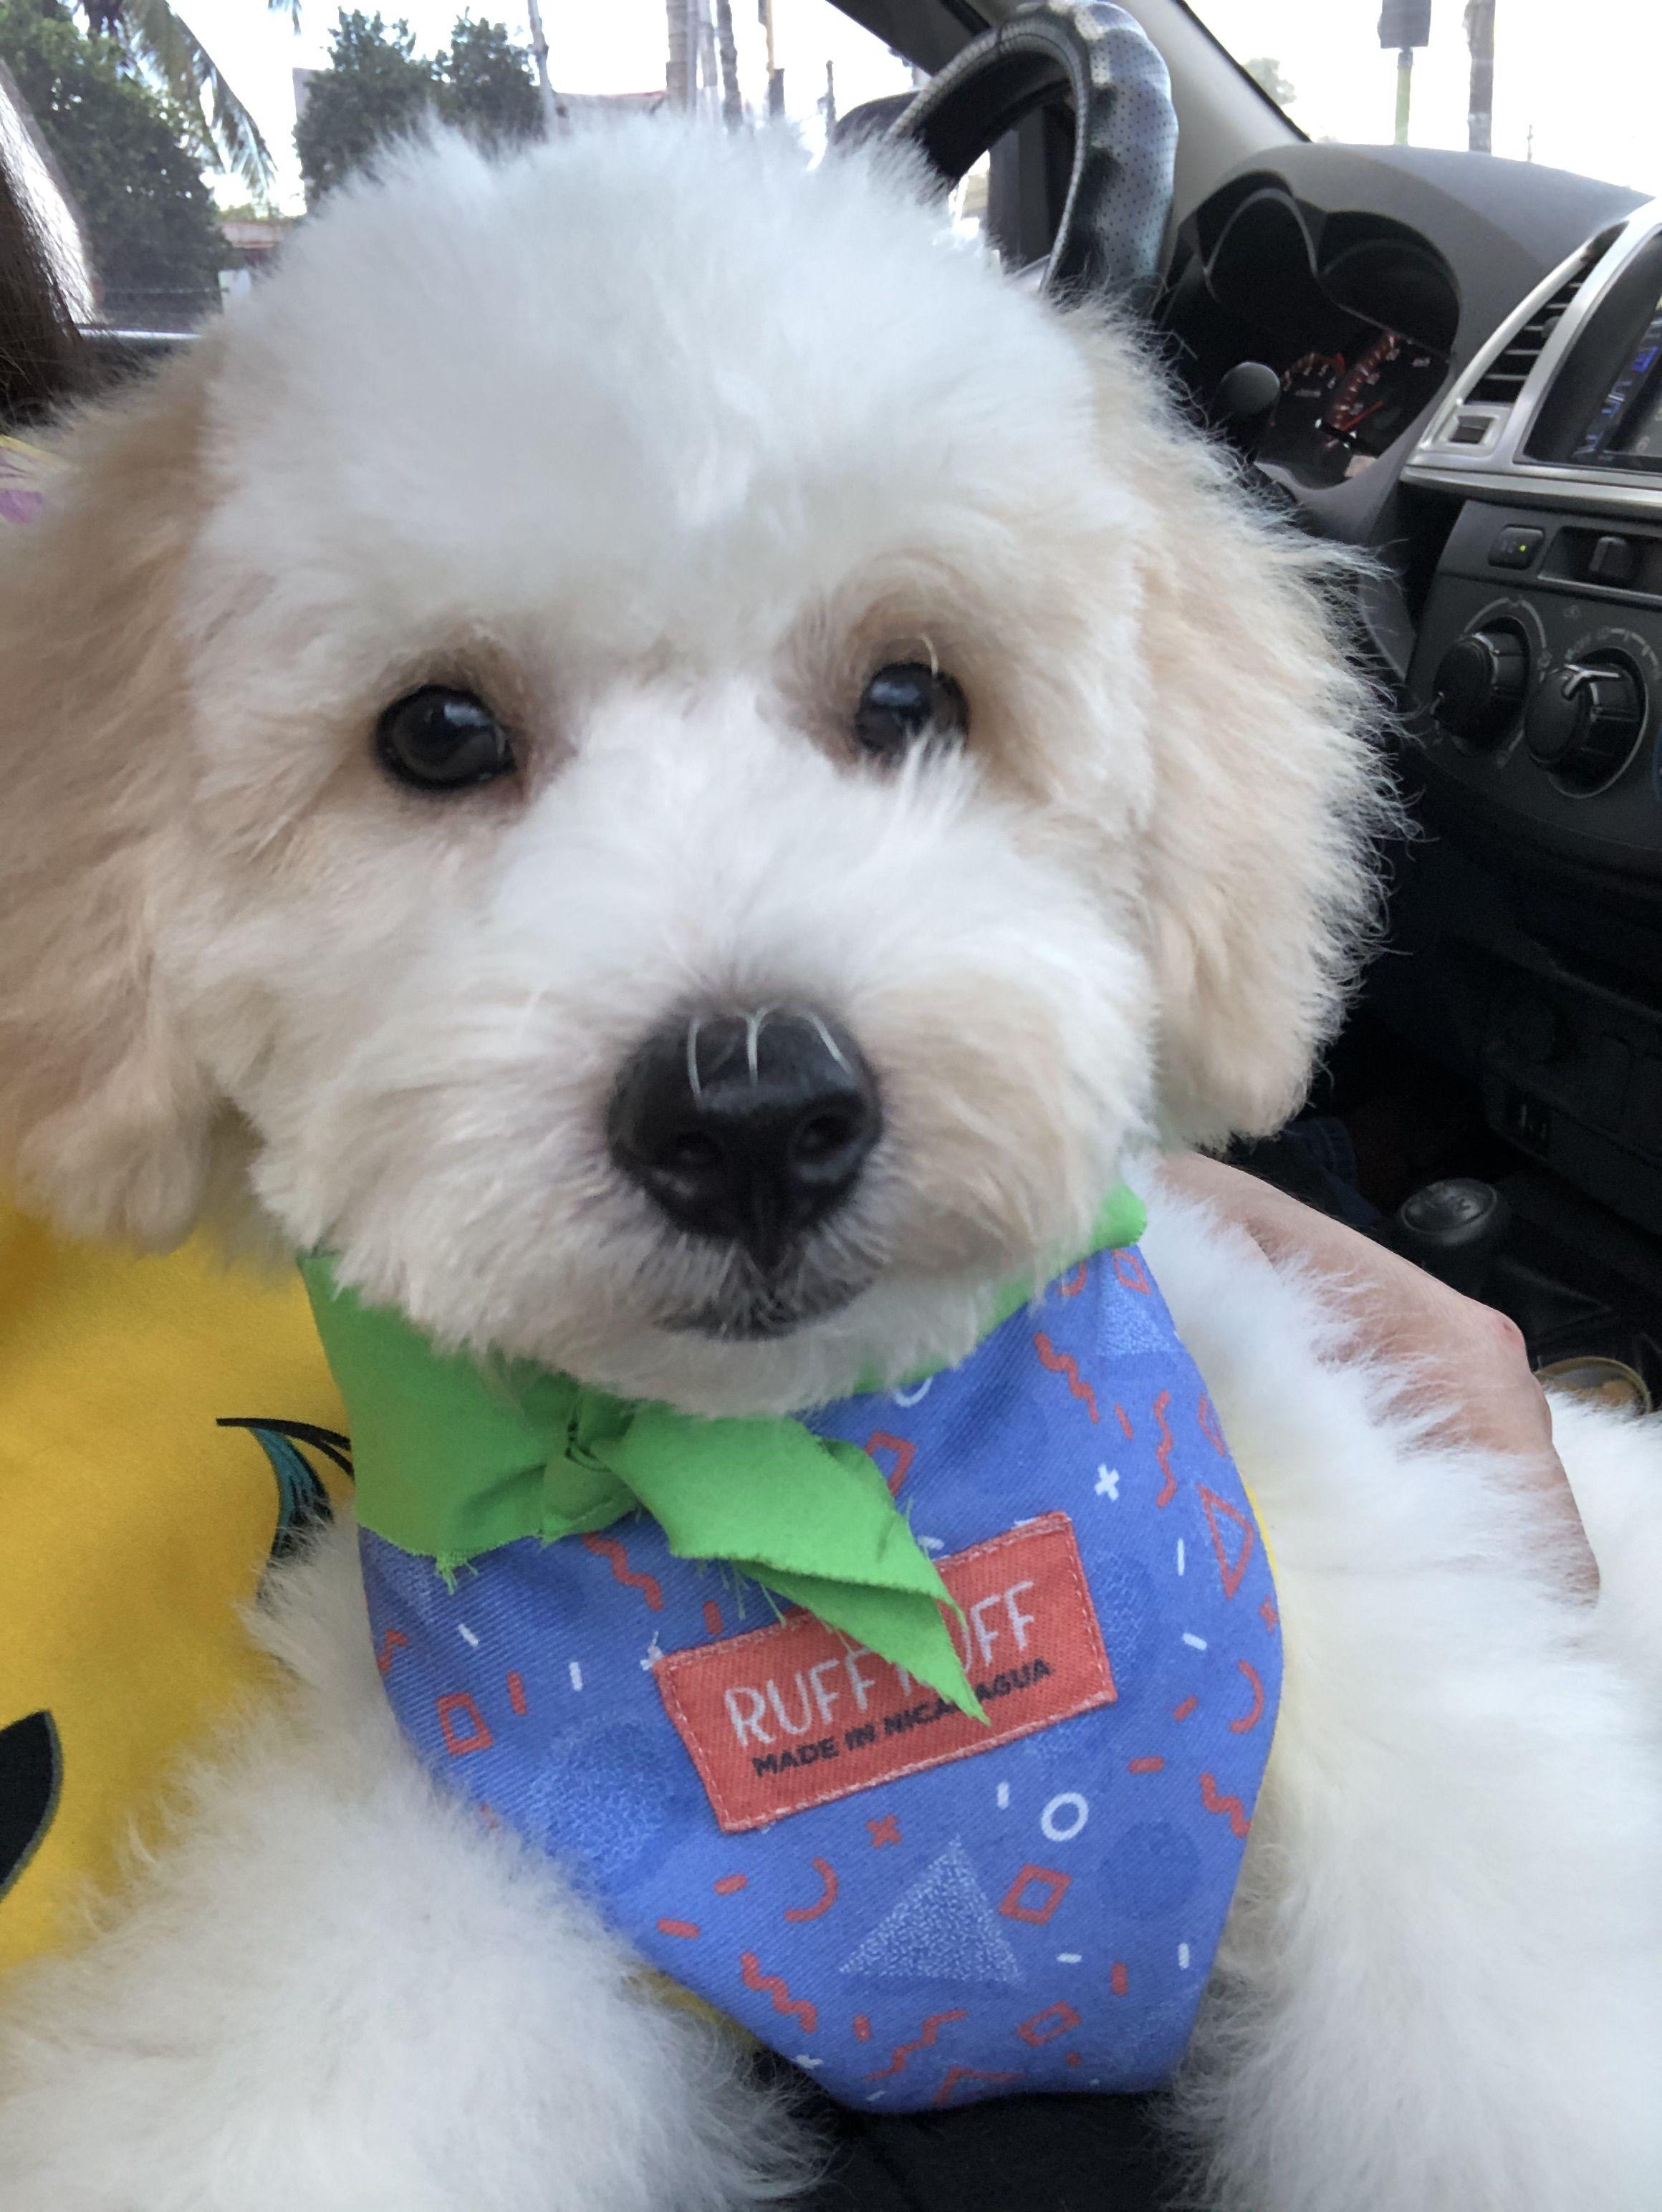 #dogsofinstagram #poodle #whitepoodle